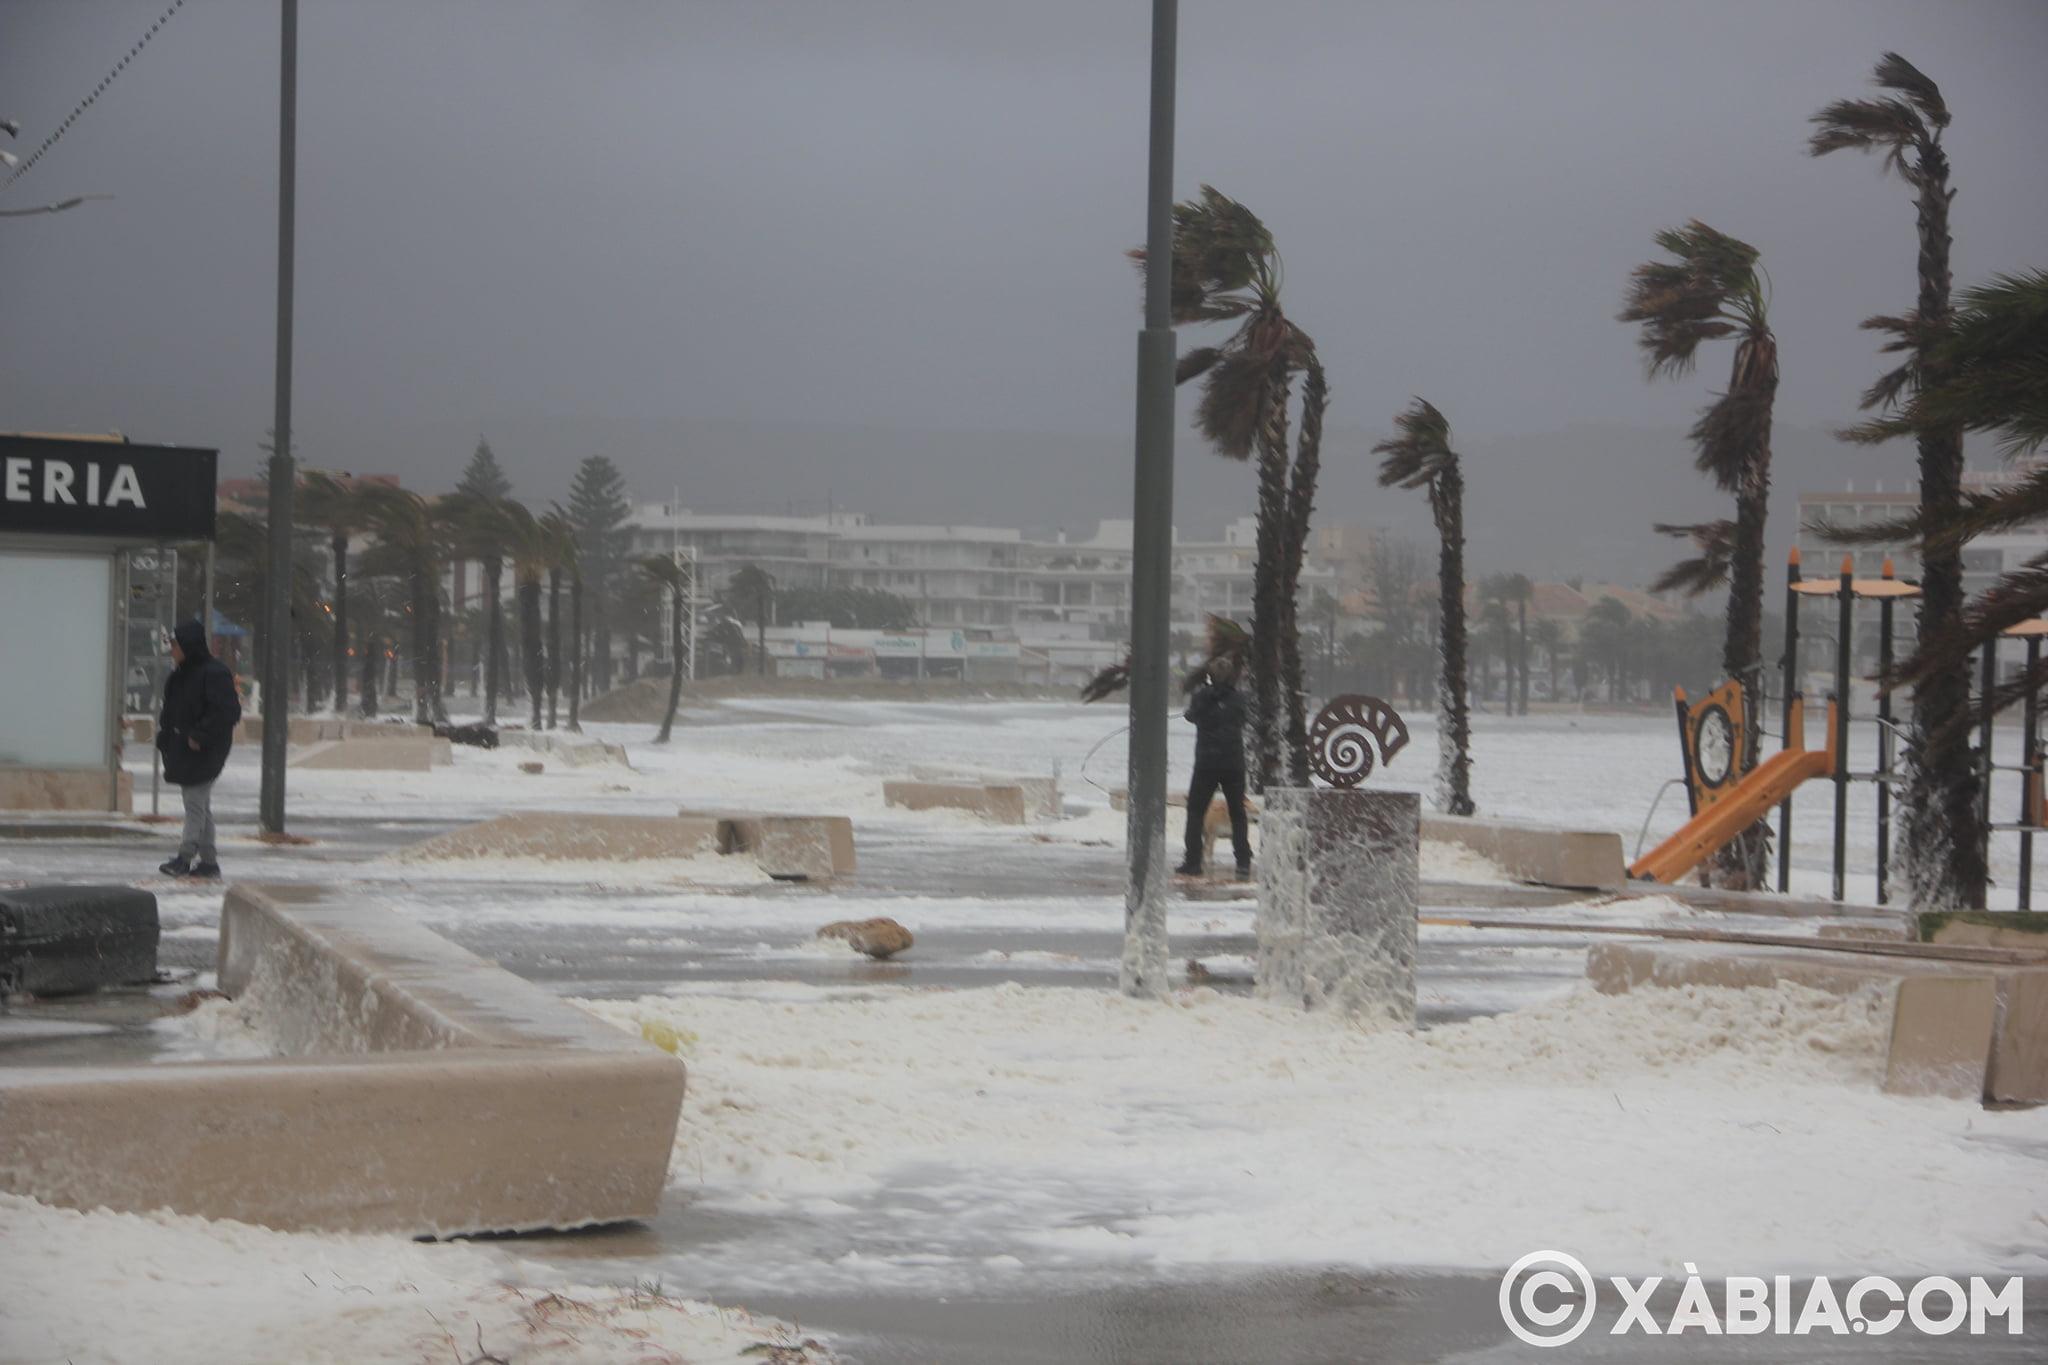 Pioggia, vento e mareggiate a Xàbia